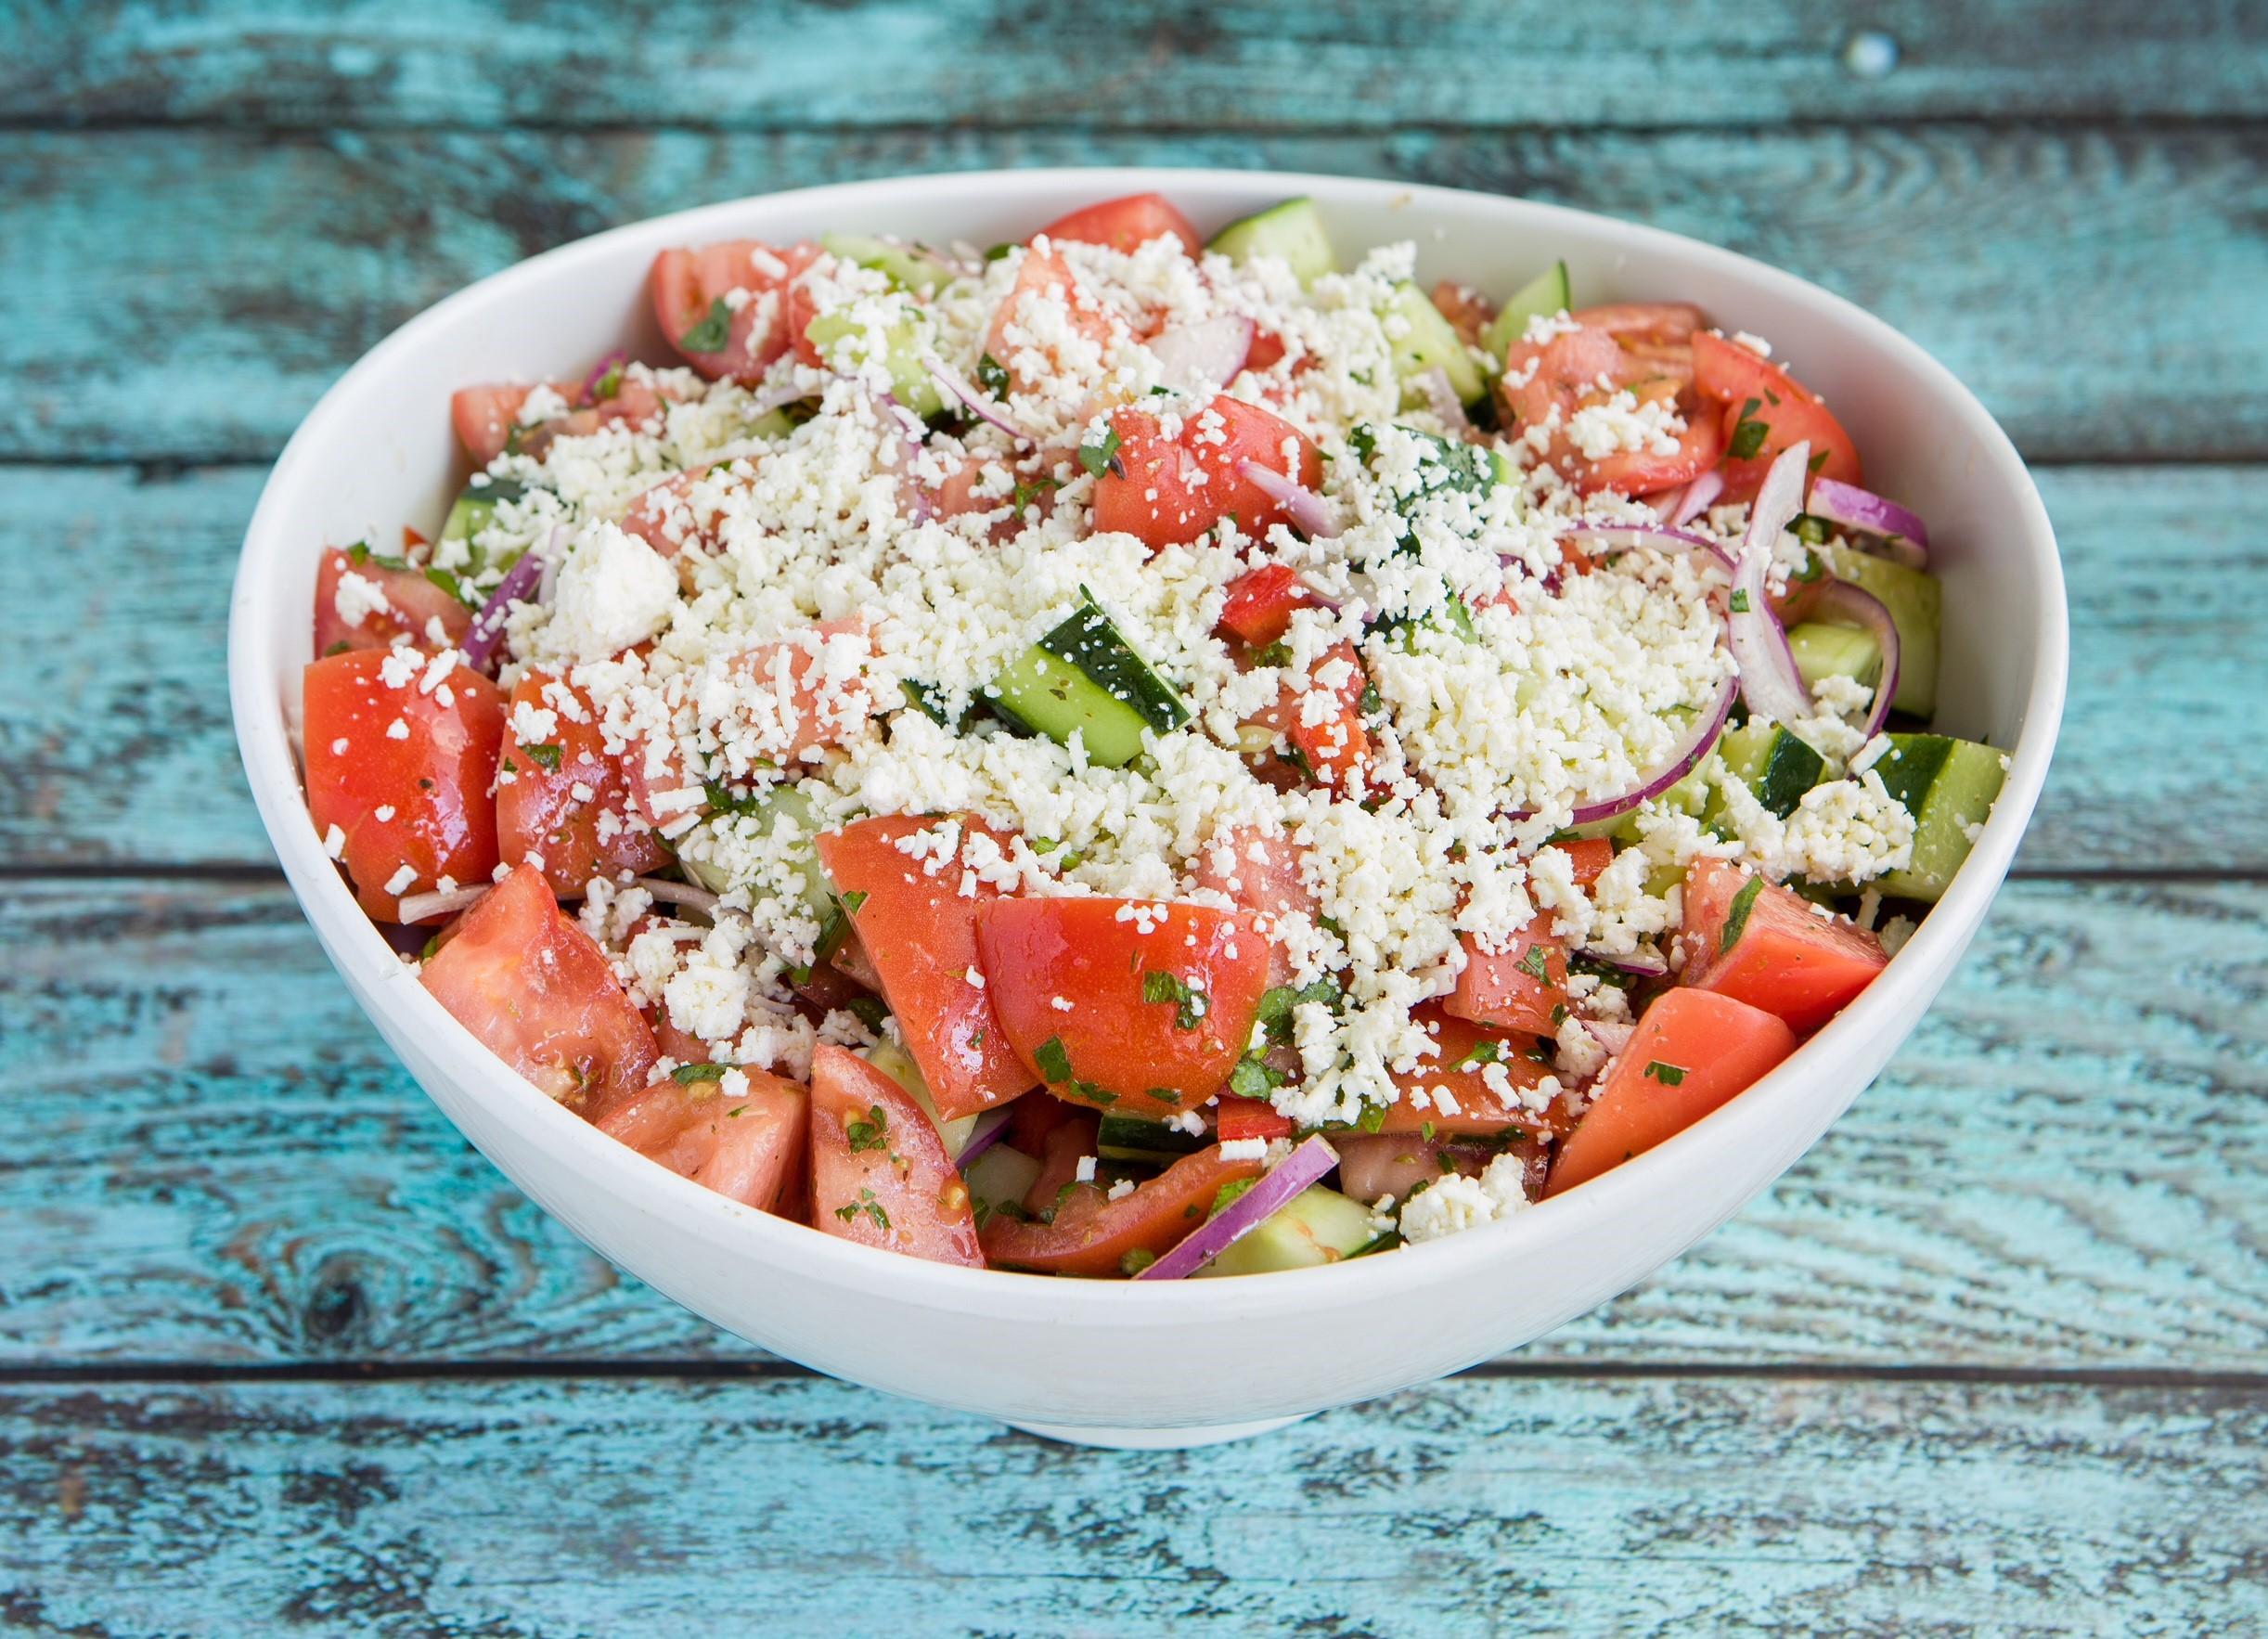 Horiatiki (Village Salad) $4.95